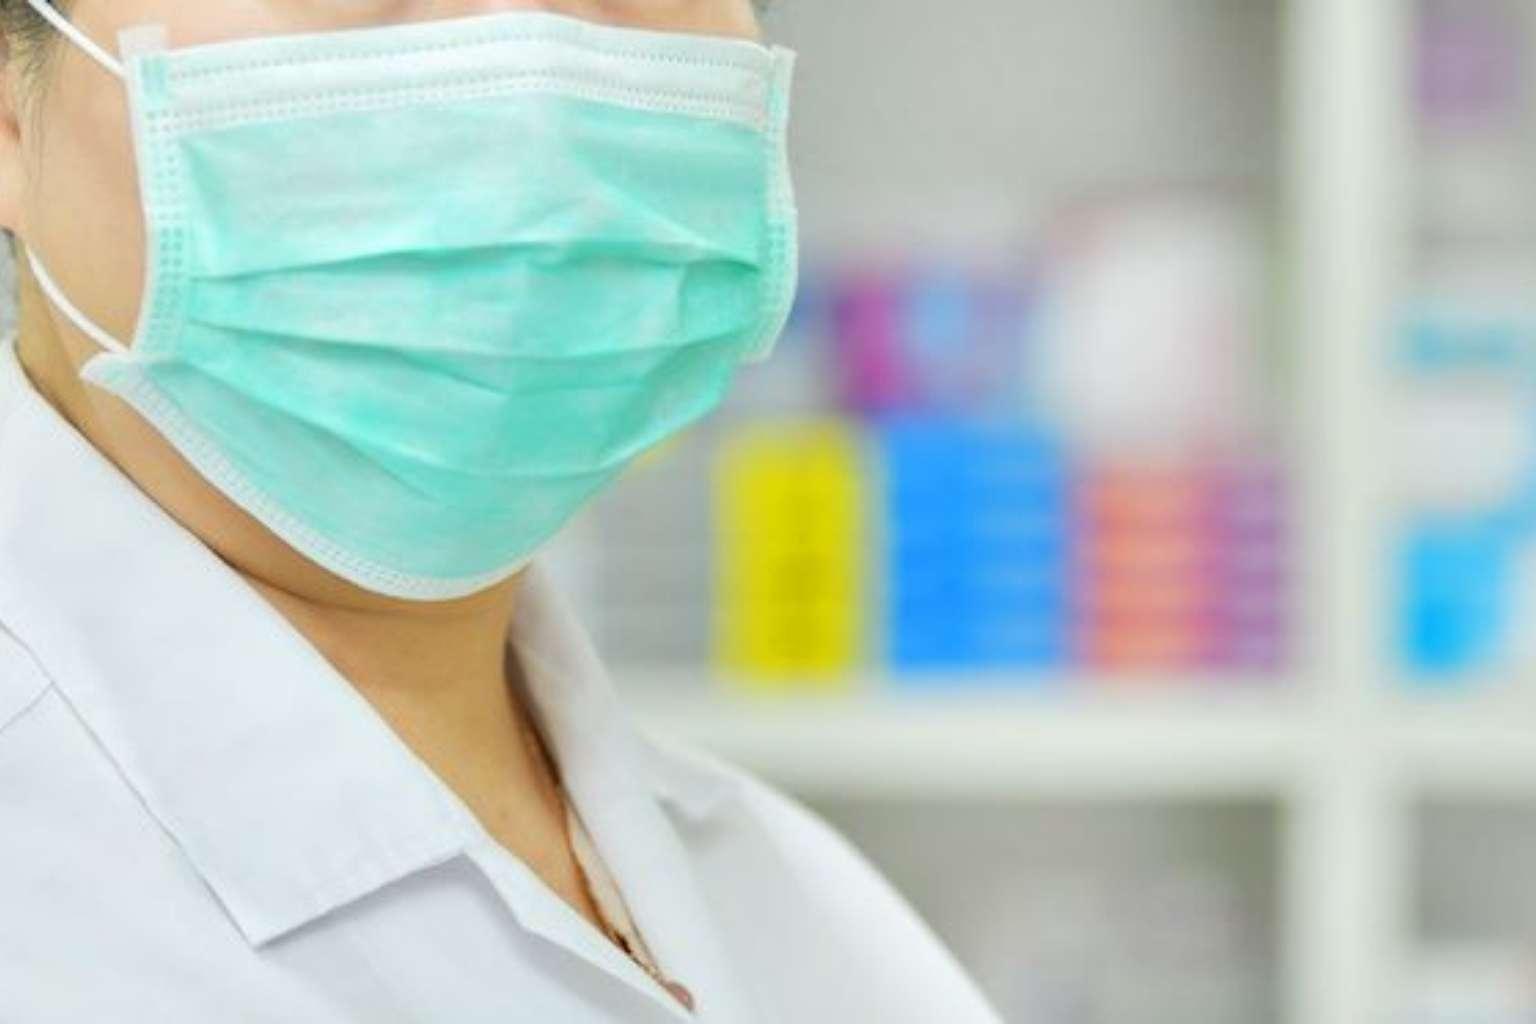 pharmacists-role